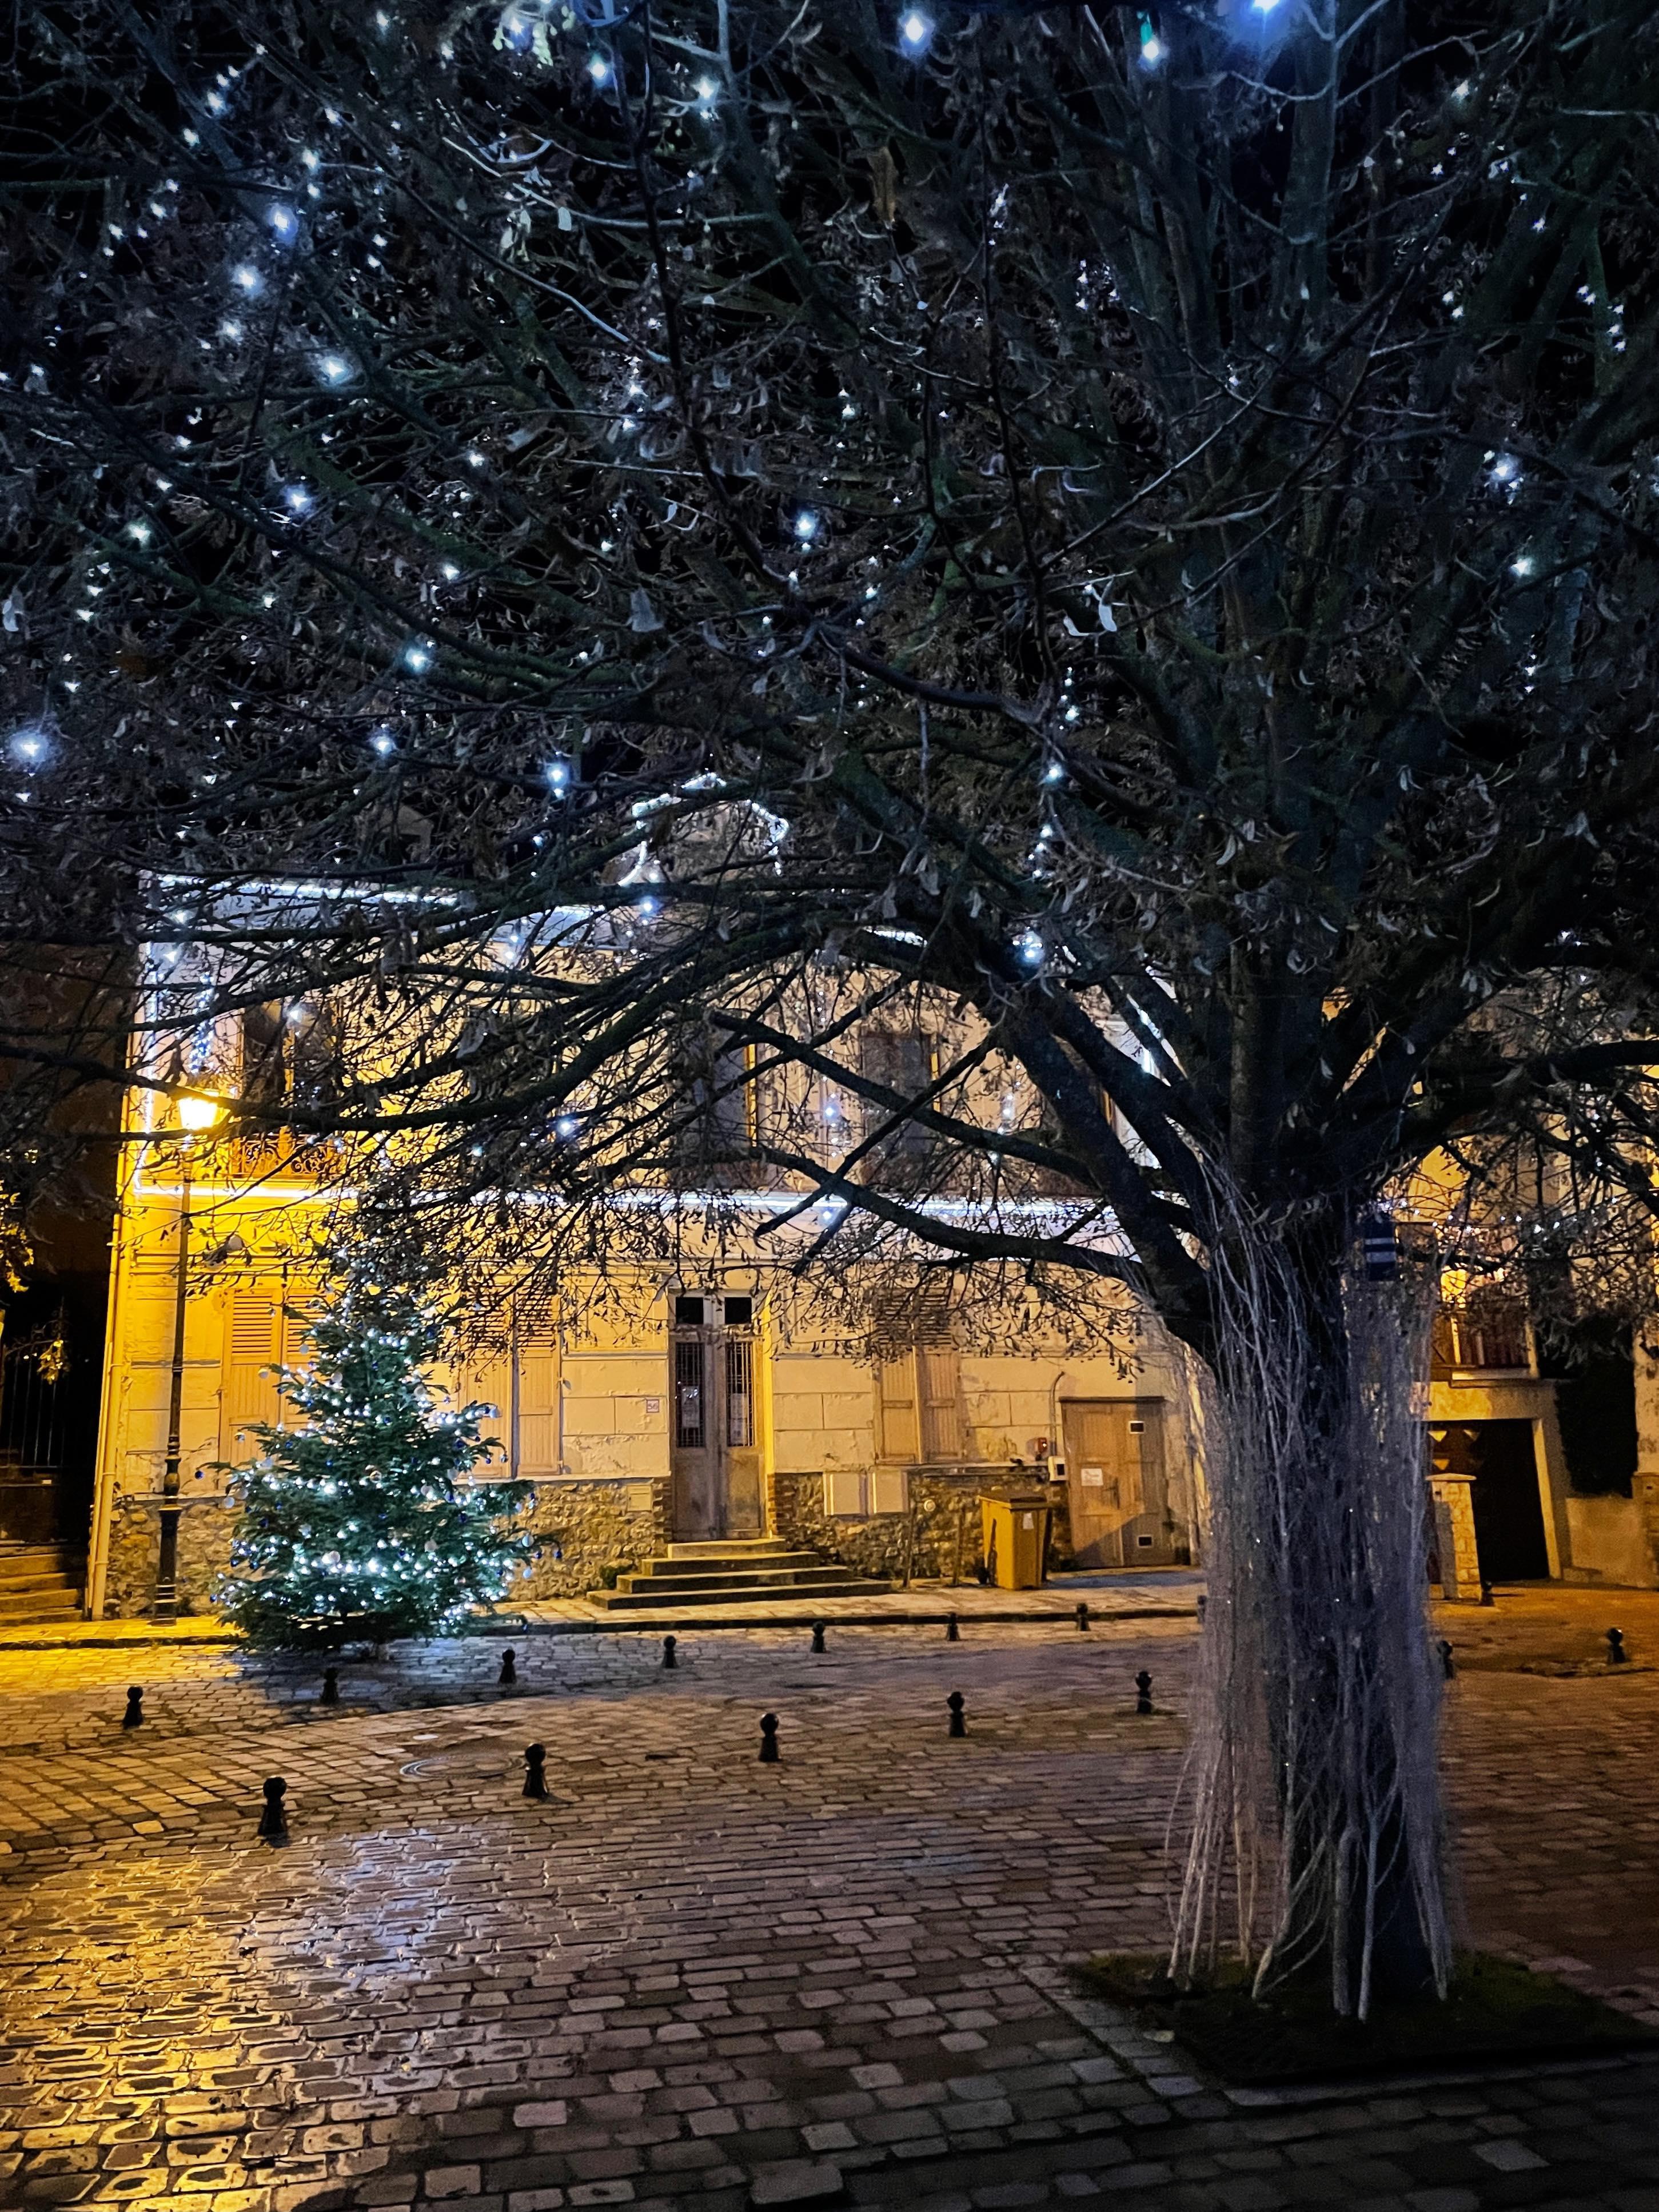 Place de la Fontaine aux pélerins à Saint-Prix (décembre 2020 - photo de Christophe Séfrin)